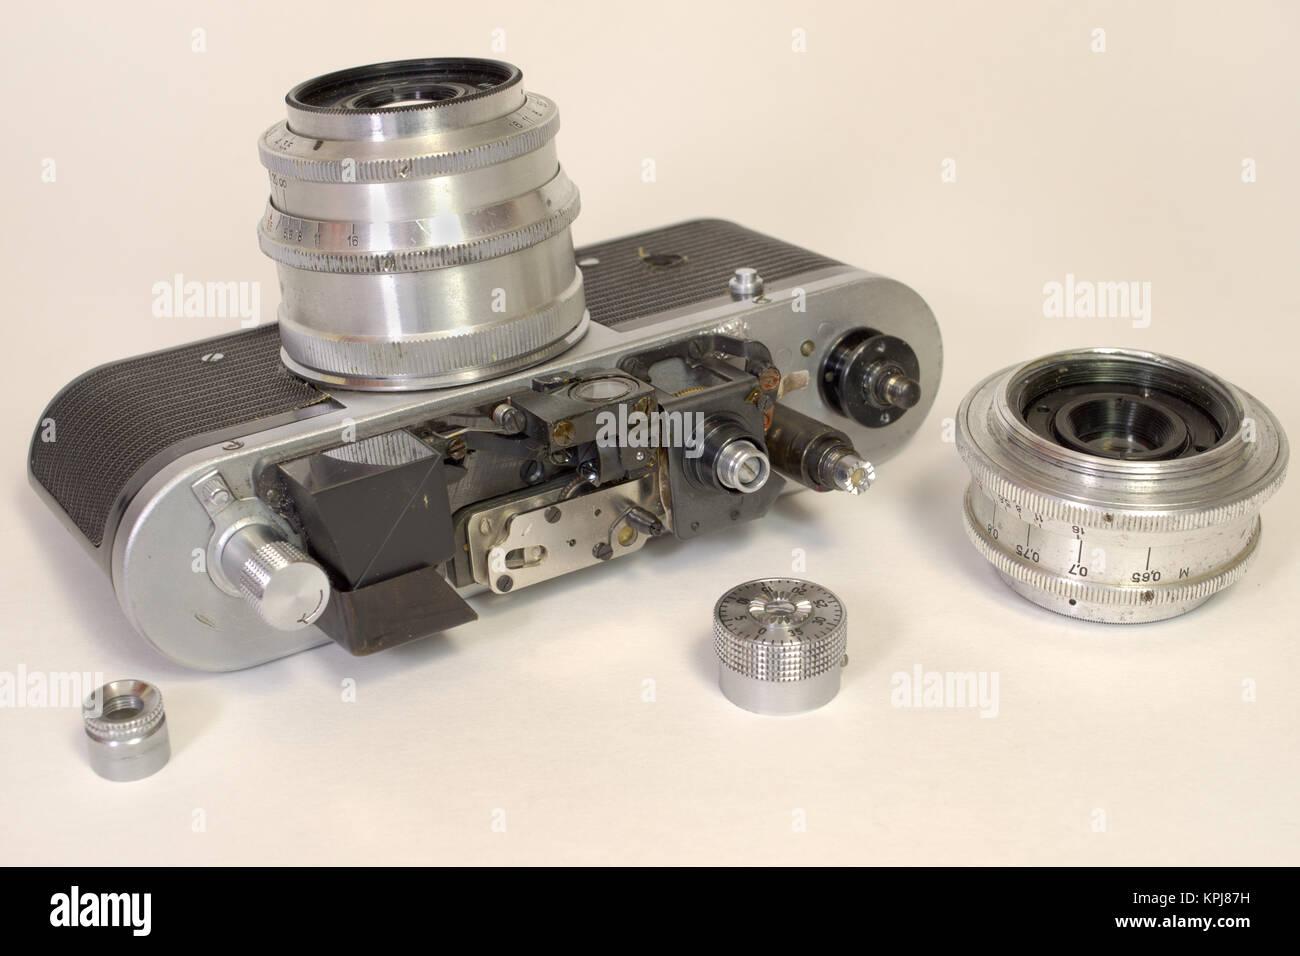 Entfernungsmesser Für Auto : Alte kameras entfernungsmesser gerät ohne abdeckung und zwei